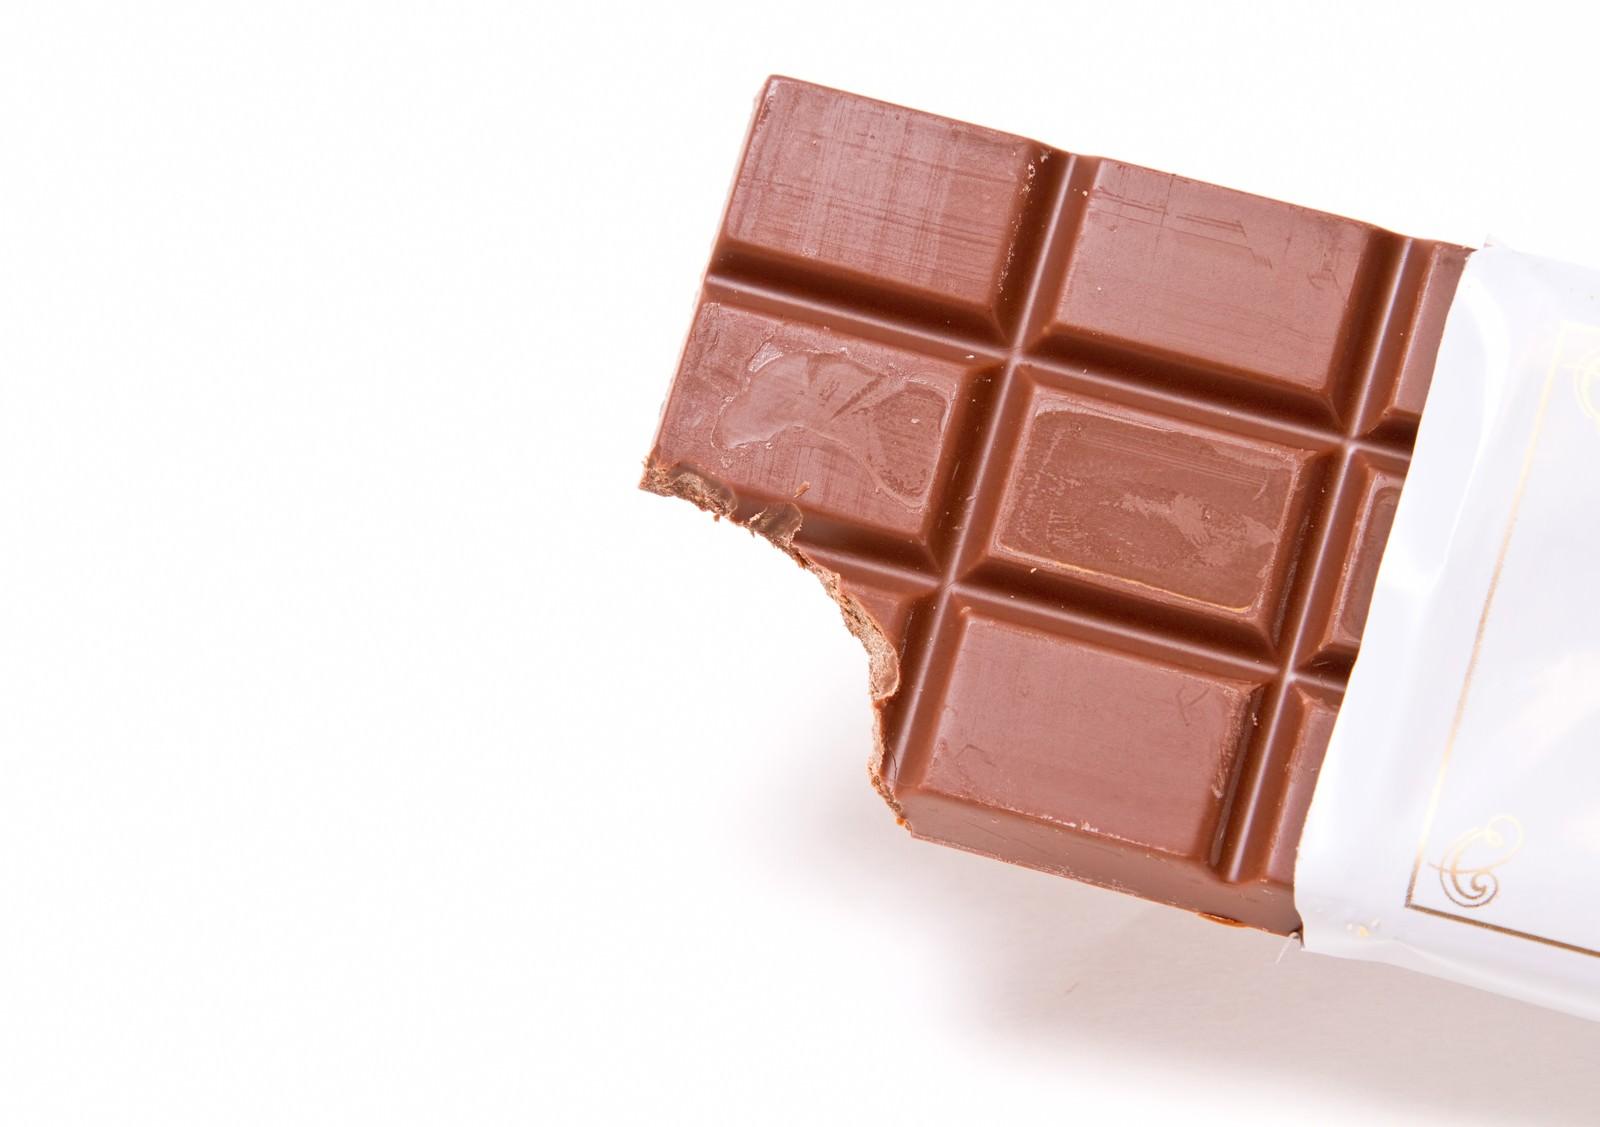 「歯型がついたチョコレート」の写真